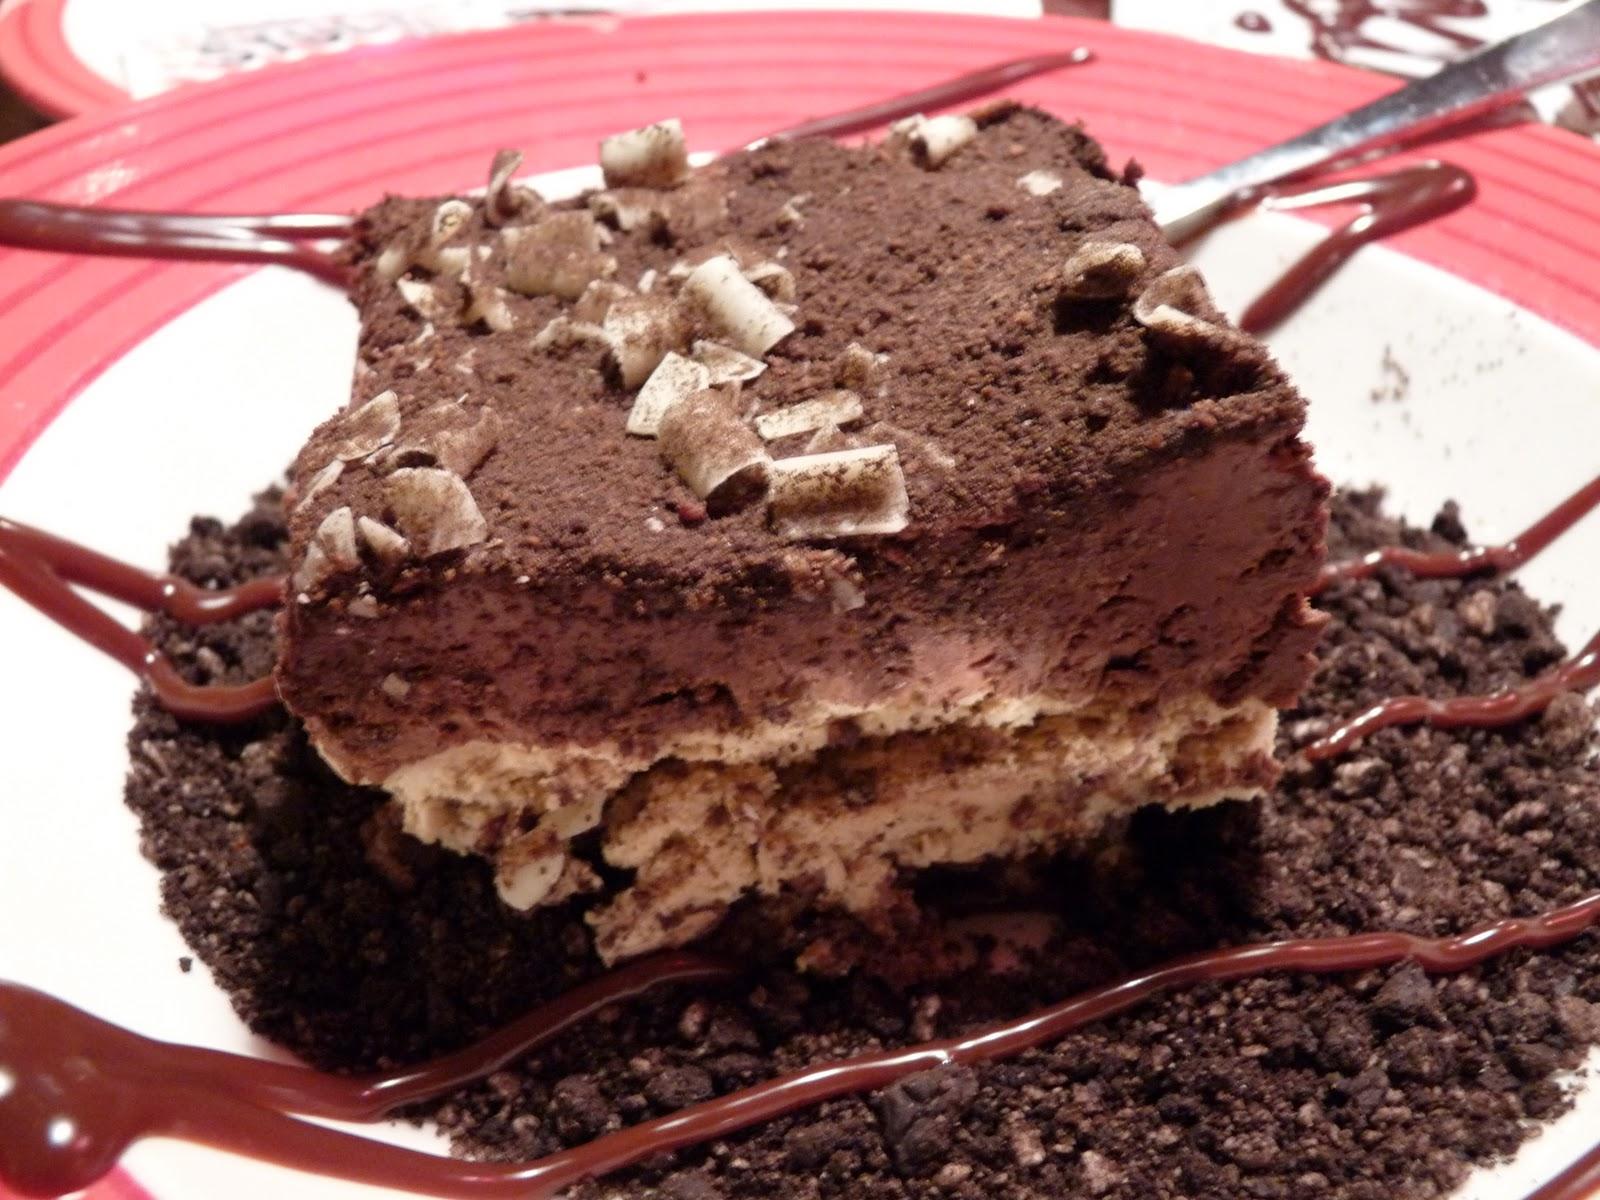 mocha mud pie the mocha mud pie is a little